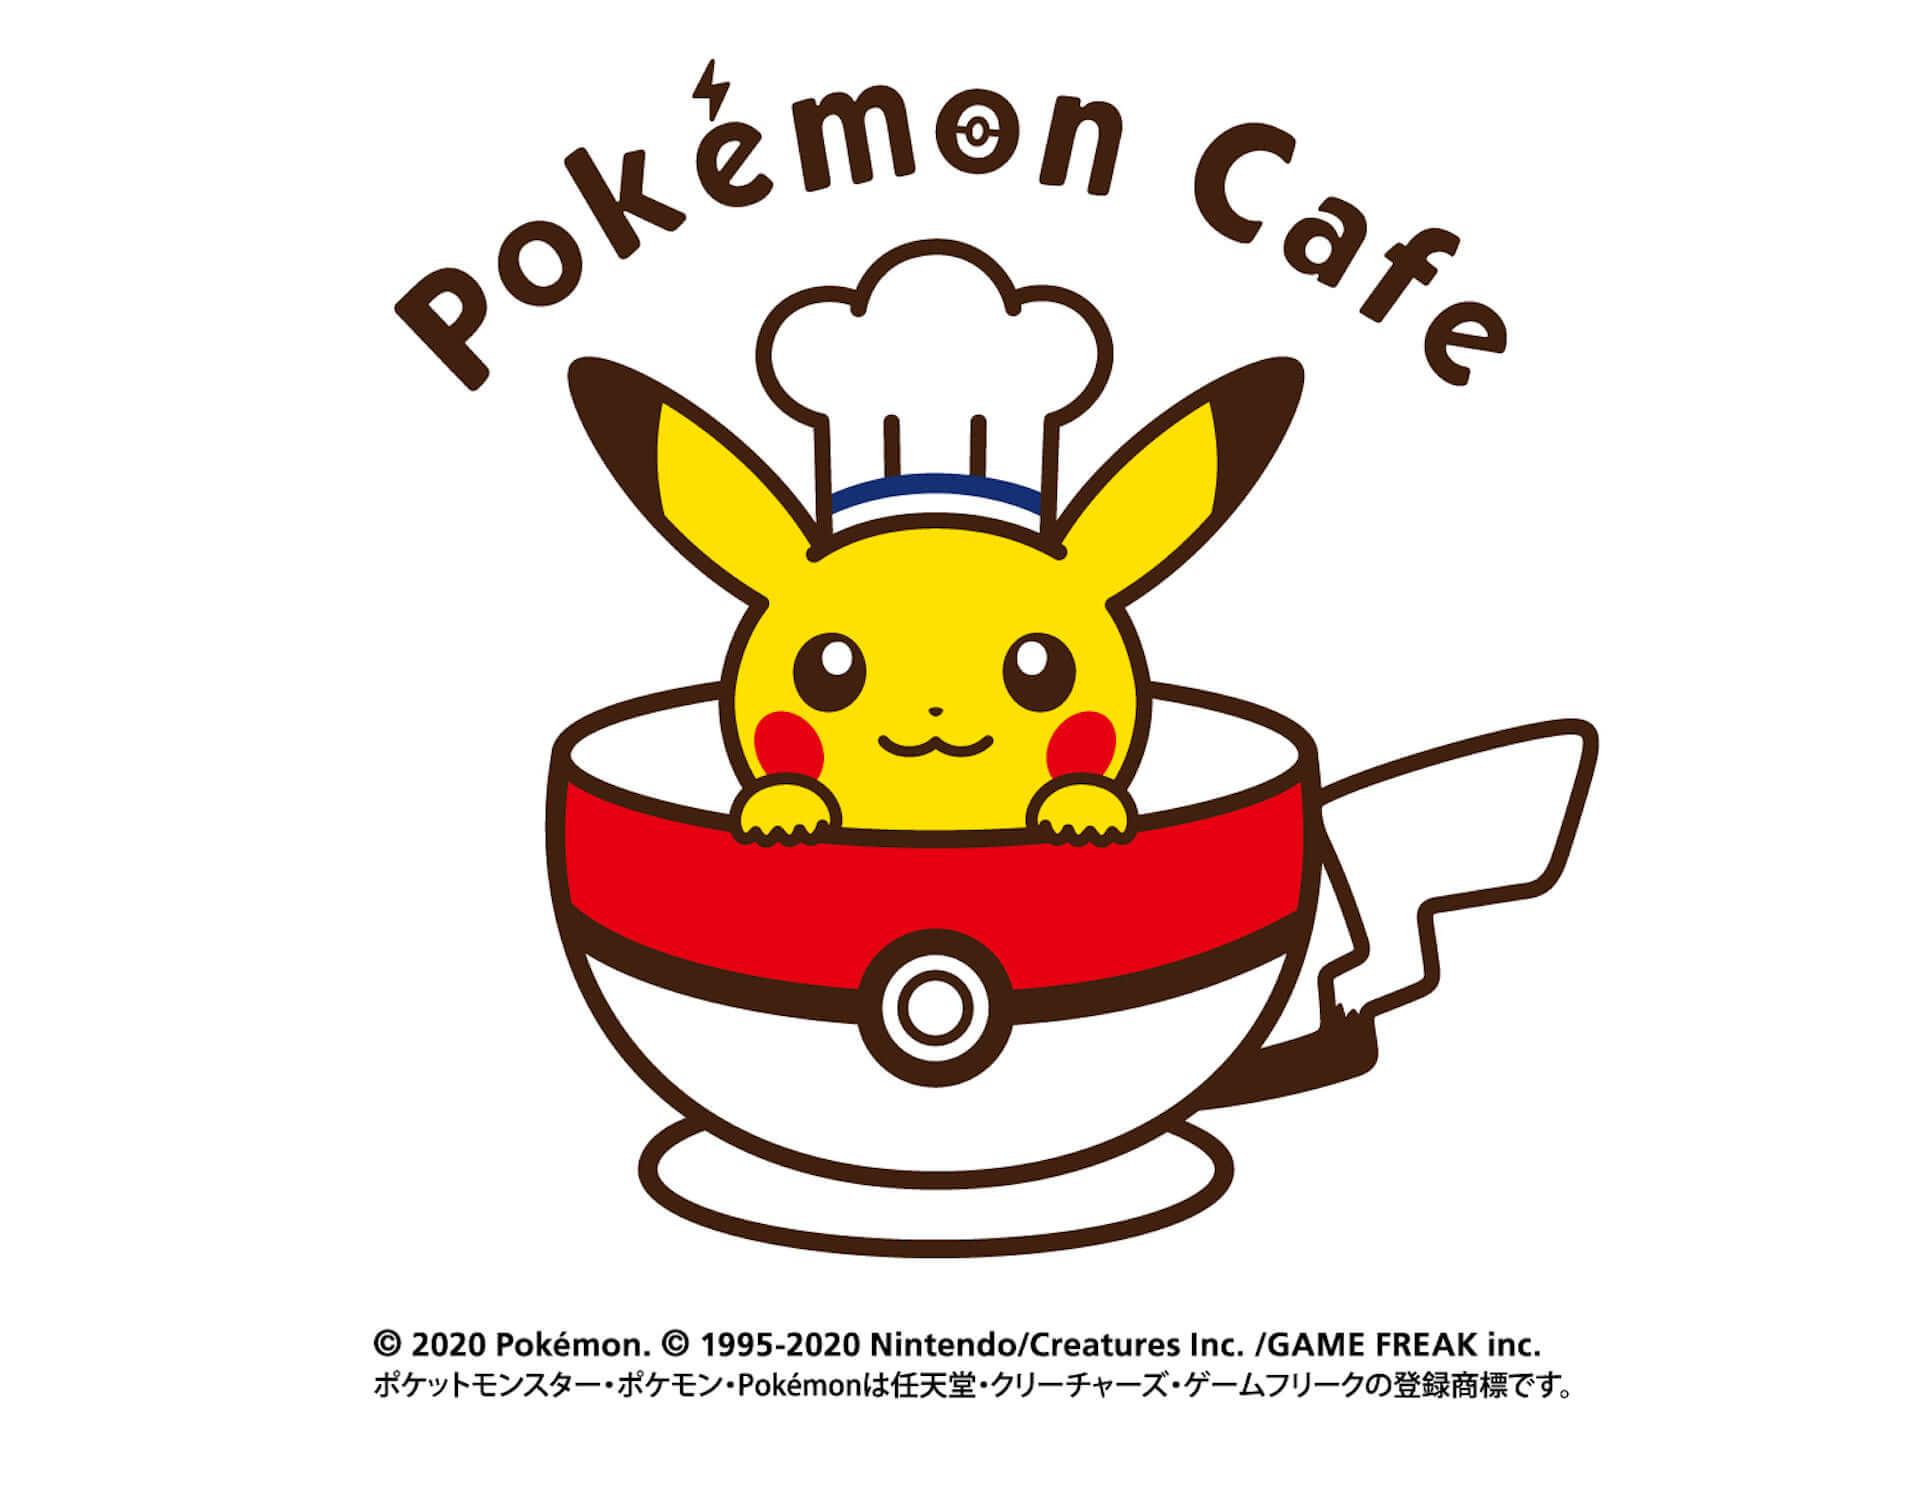 ピカチュウがクリスマスケーキになって登場!『ホームパーティセット』が「ポケモンカフェ」&「ピカチュウスイーツ by ポケモンカフェ」にて予約販売決定 gourmet201023_pokemon-xmas_4-1920x1508